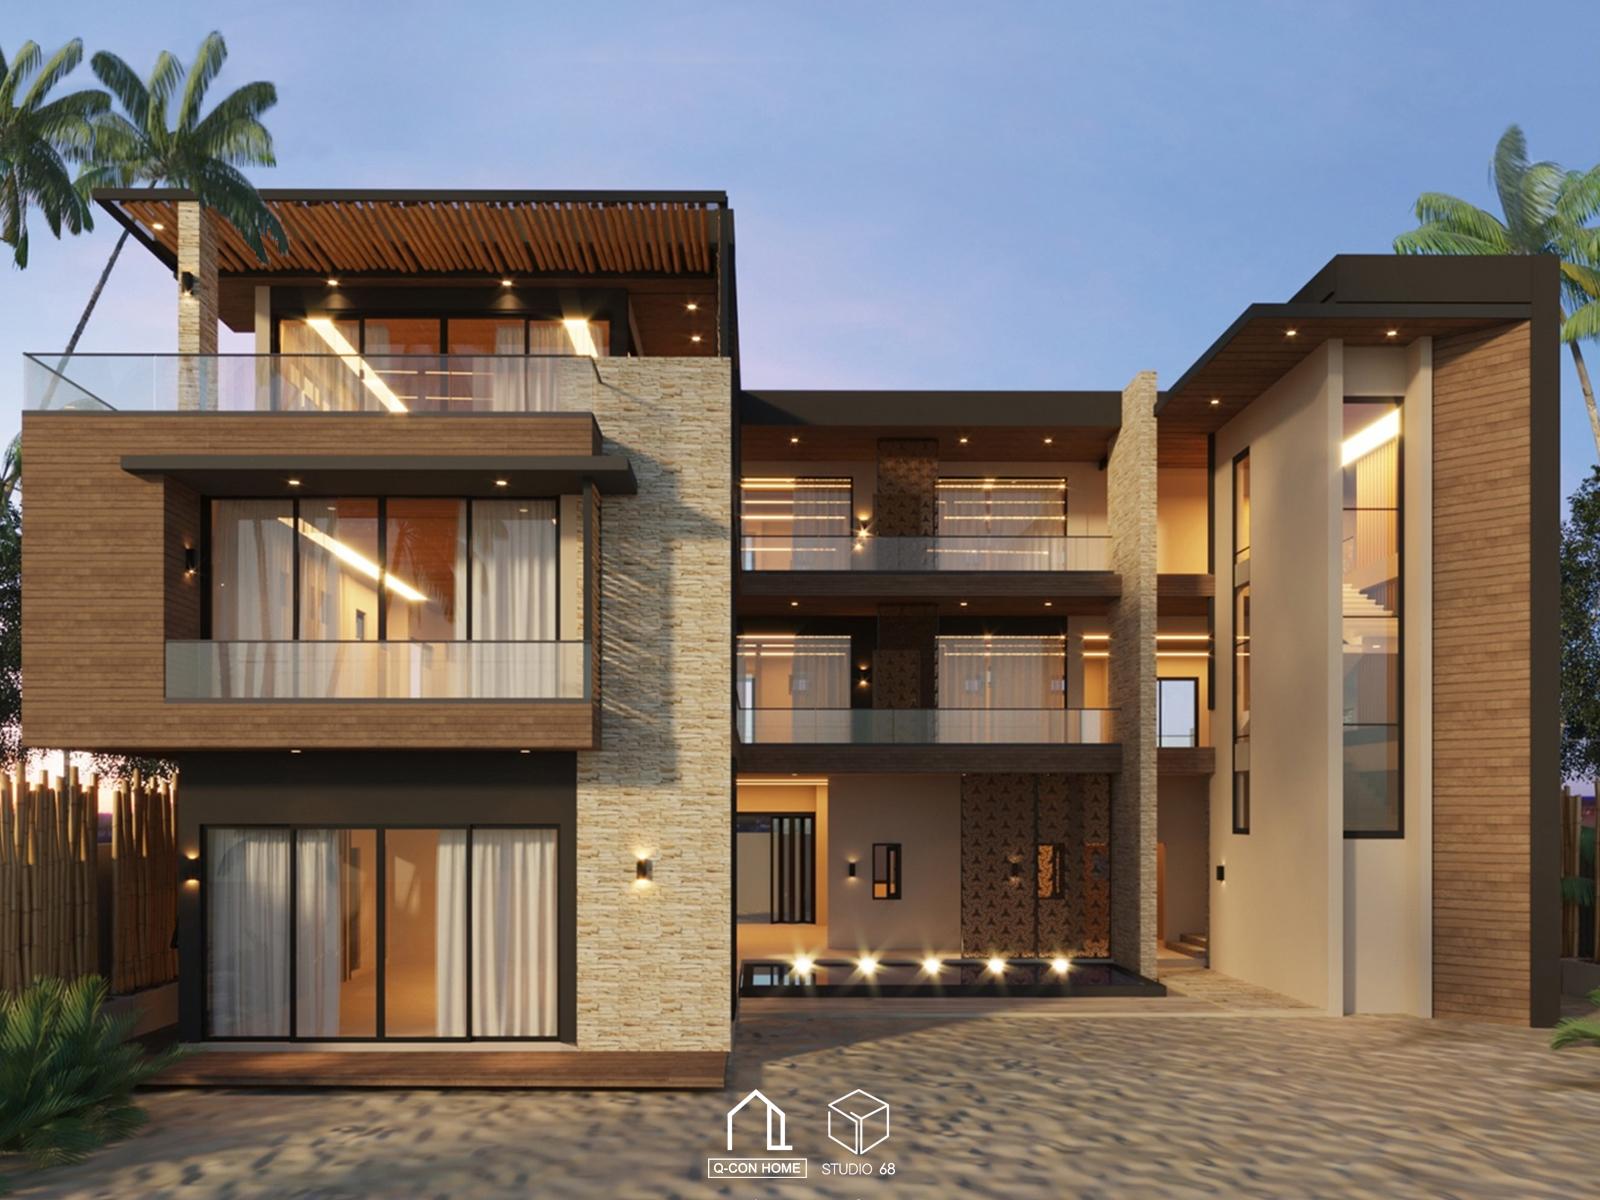 รับออกแบบโรงแรม, รับสร้างโรงแรม, บริษัทออกแบบโรงแรม, Tropical Hotel in Maldives